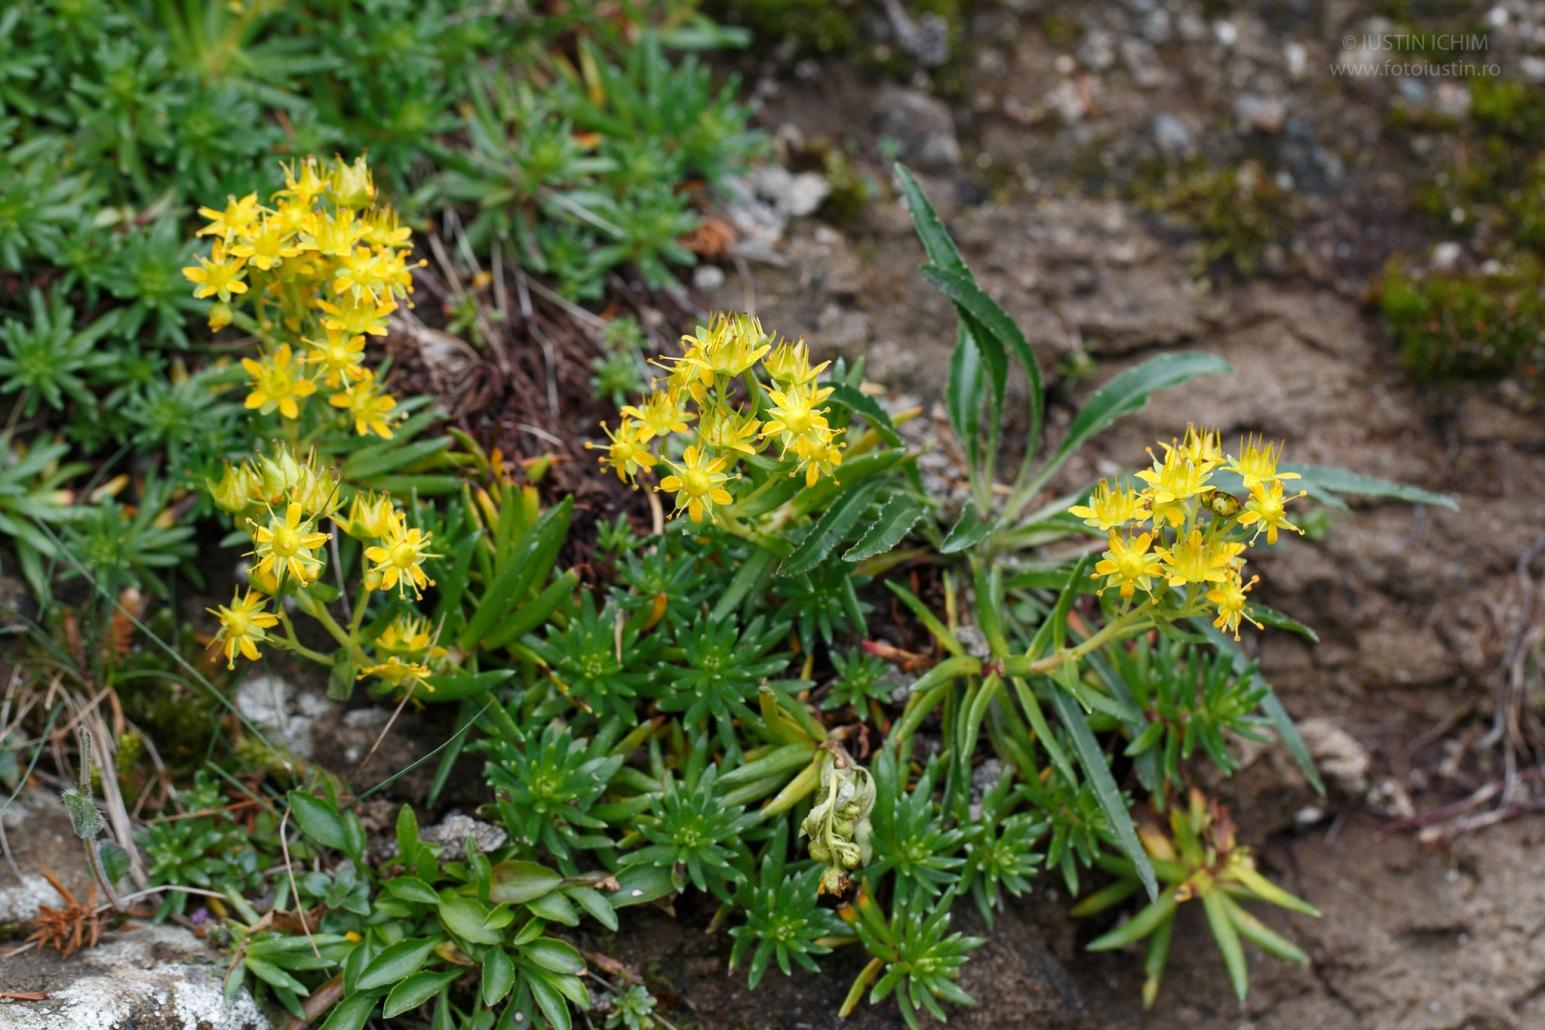 Saxifraga aizoides, fam. Saxifragaceae